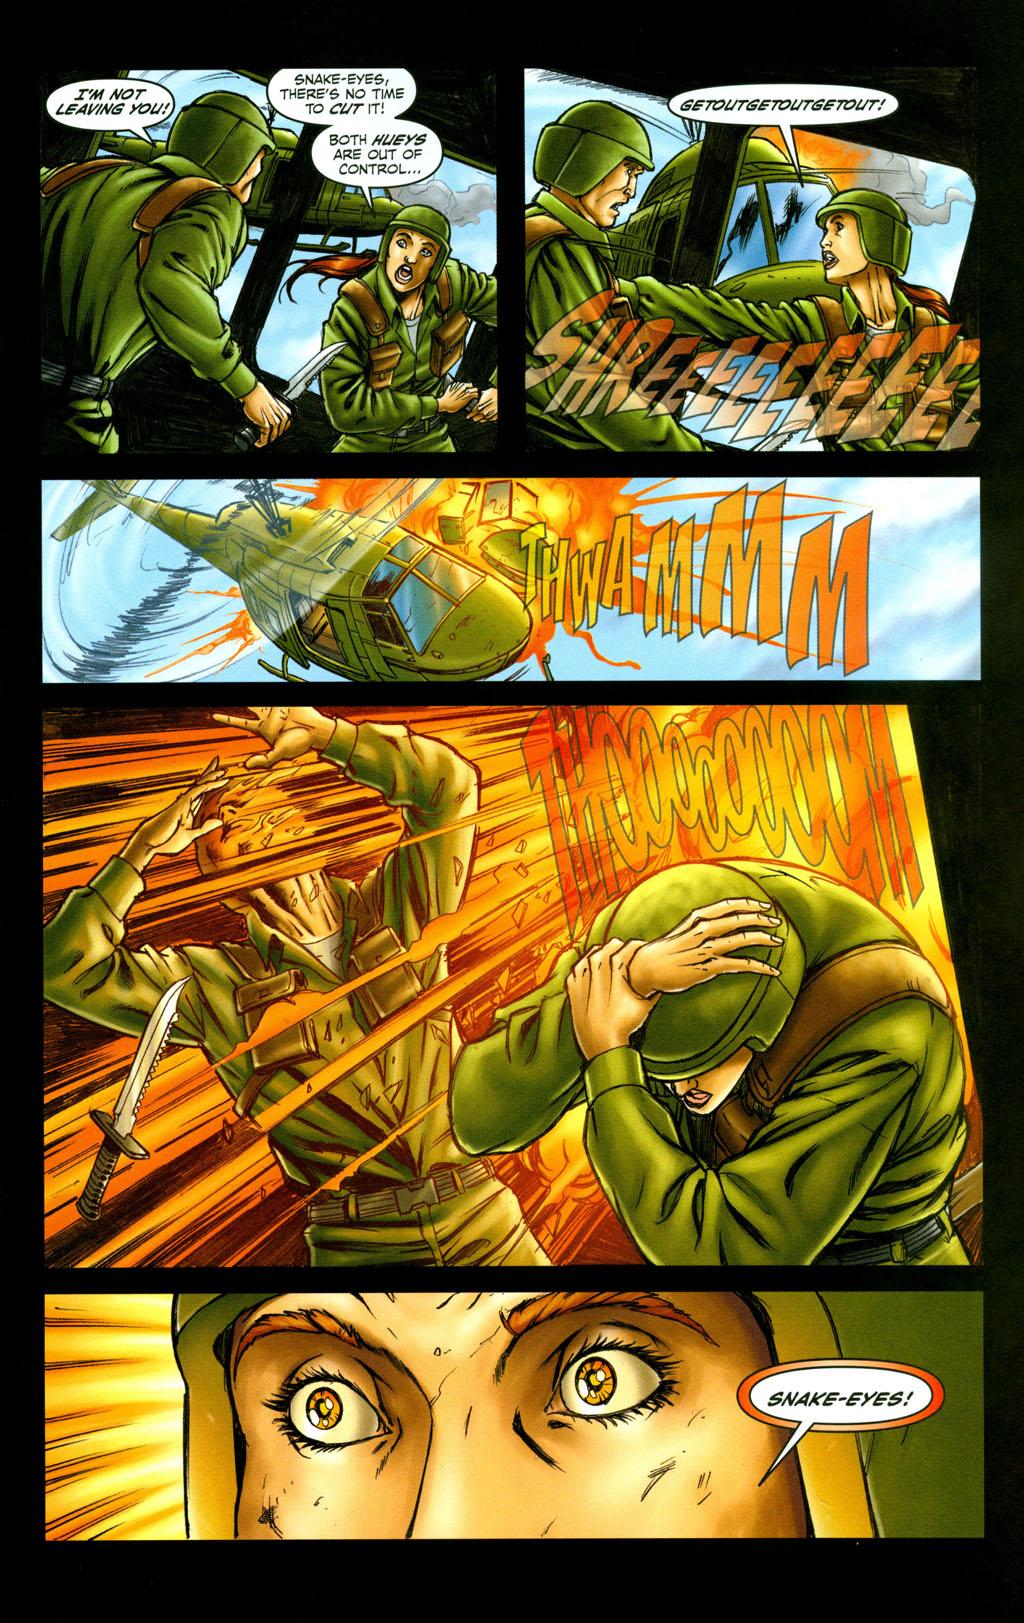 Read online Snake Eyes: Declassified comic -  Issue #6 - 13